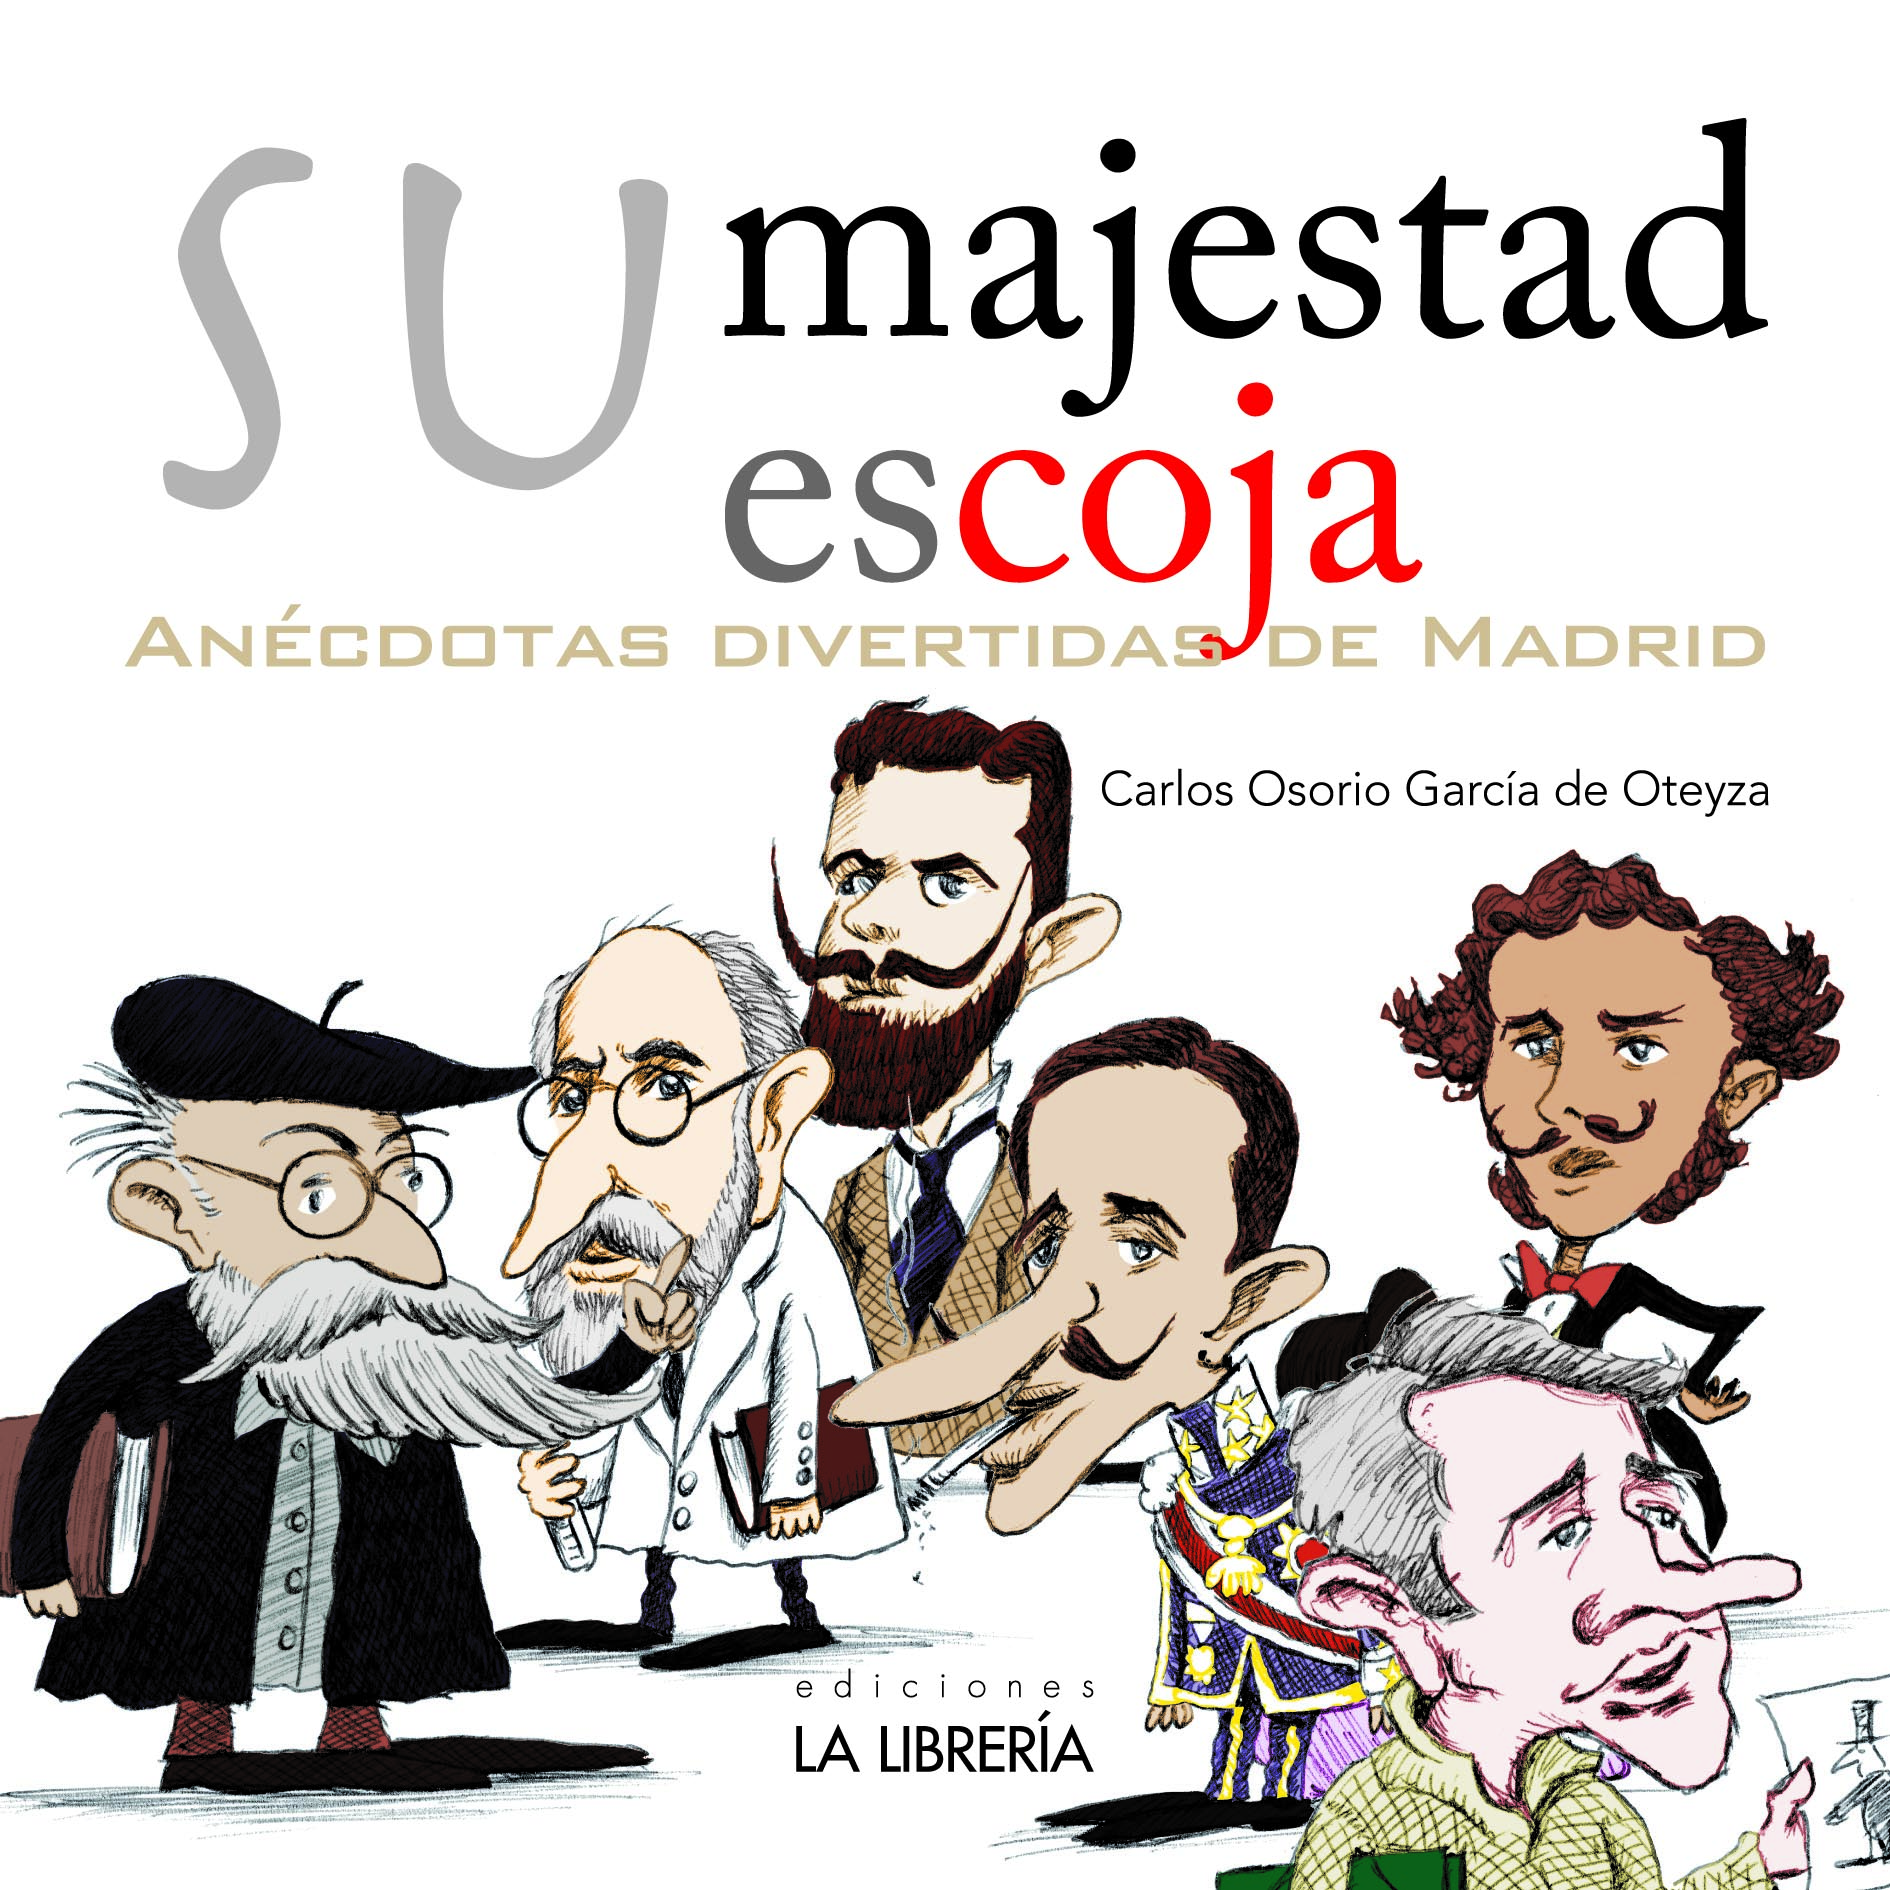 Recomendamos: Su majestad escoja, anécdotas divertidas de Madrid